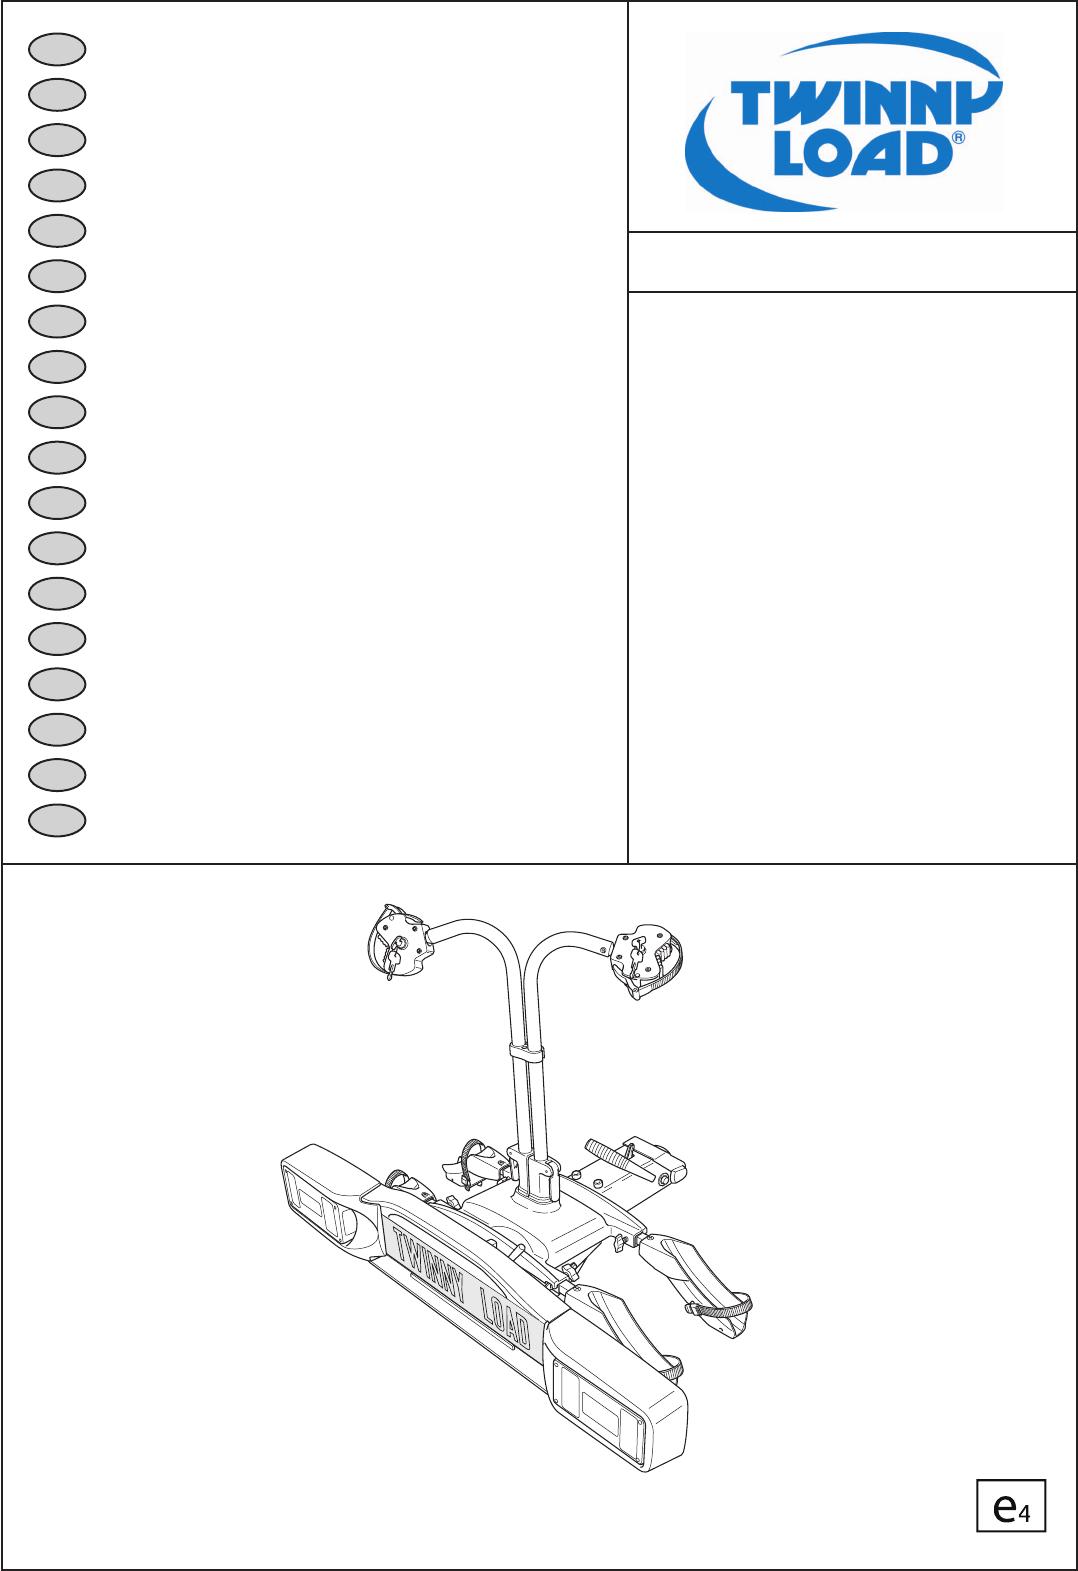 Handleiding Twinny Load Ergo FFK (pagina 1 van 32) (Dansk